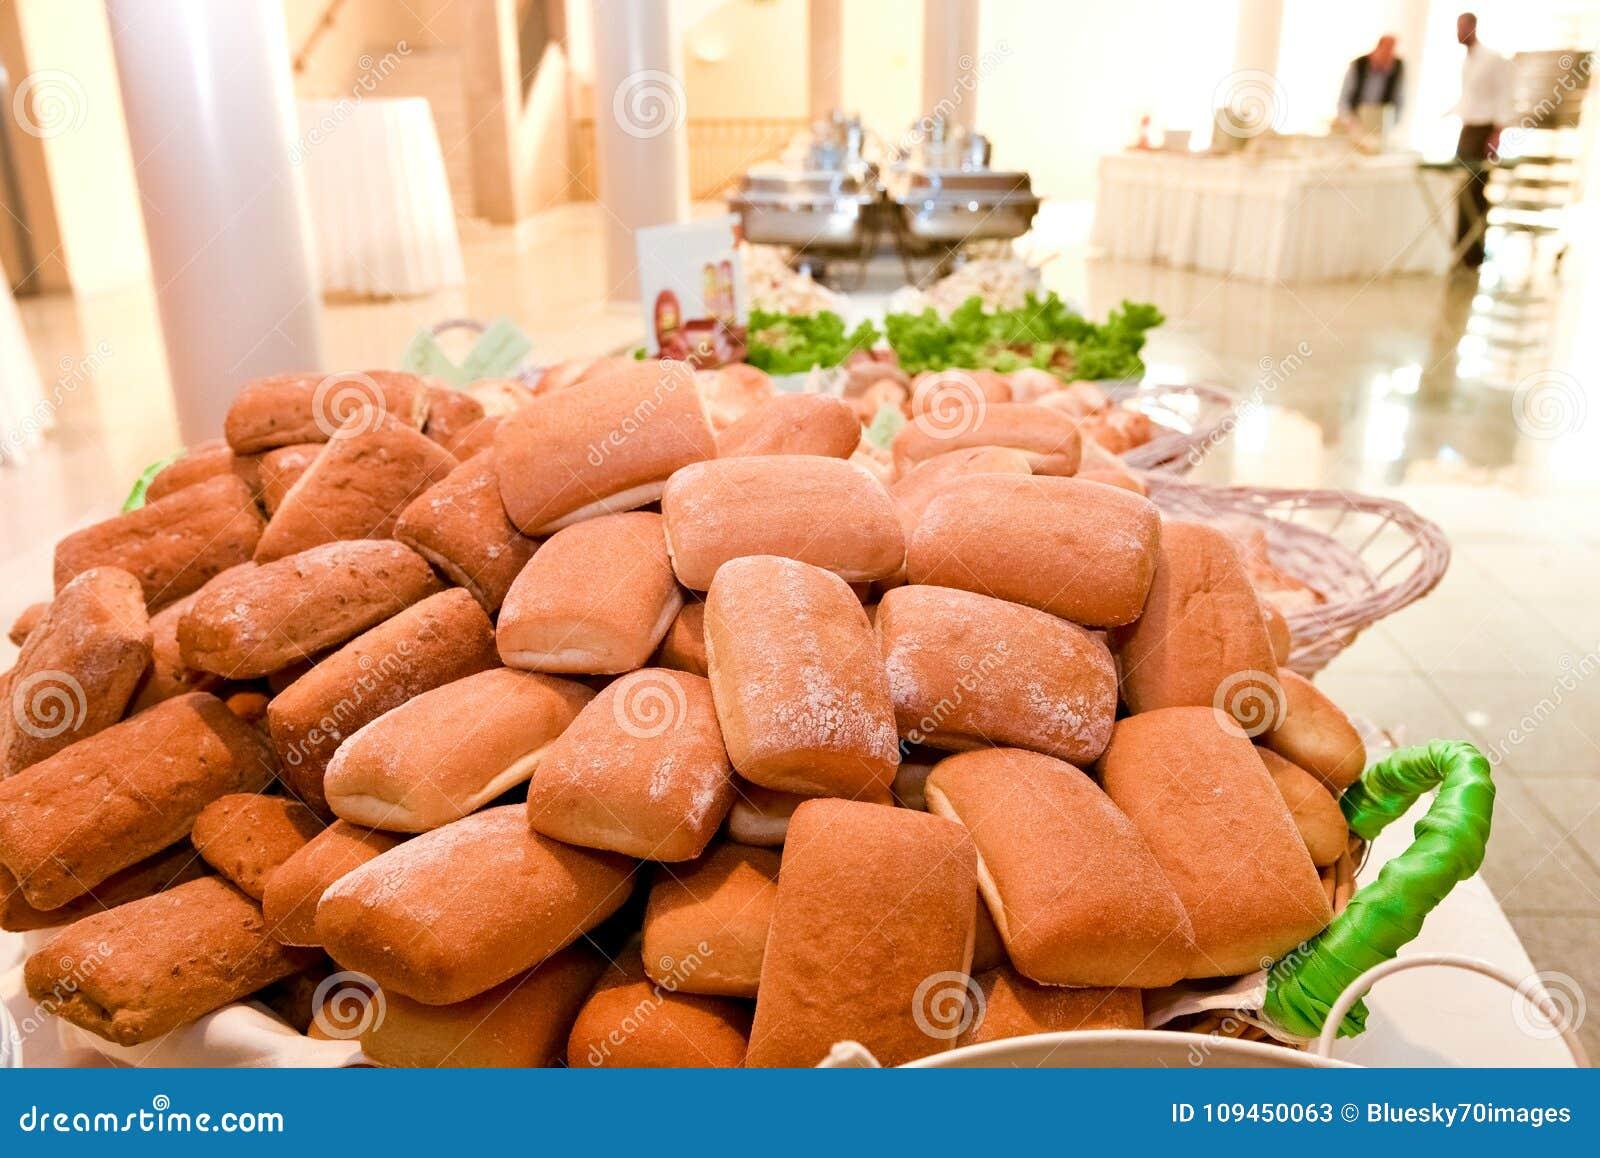 Humber с хлебцами клейковины освобождает хлеб